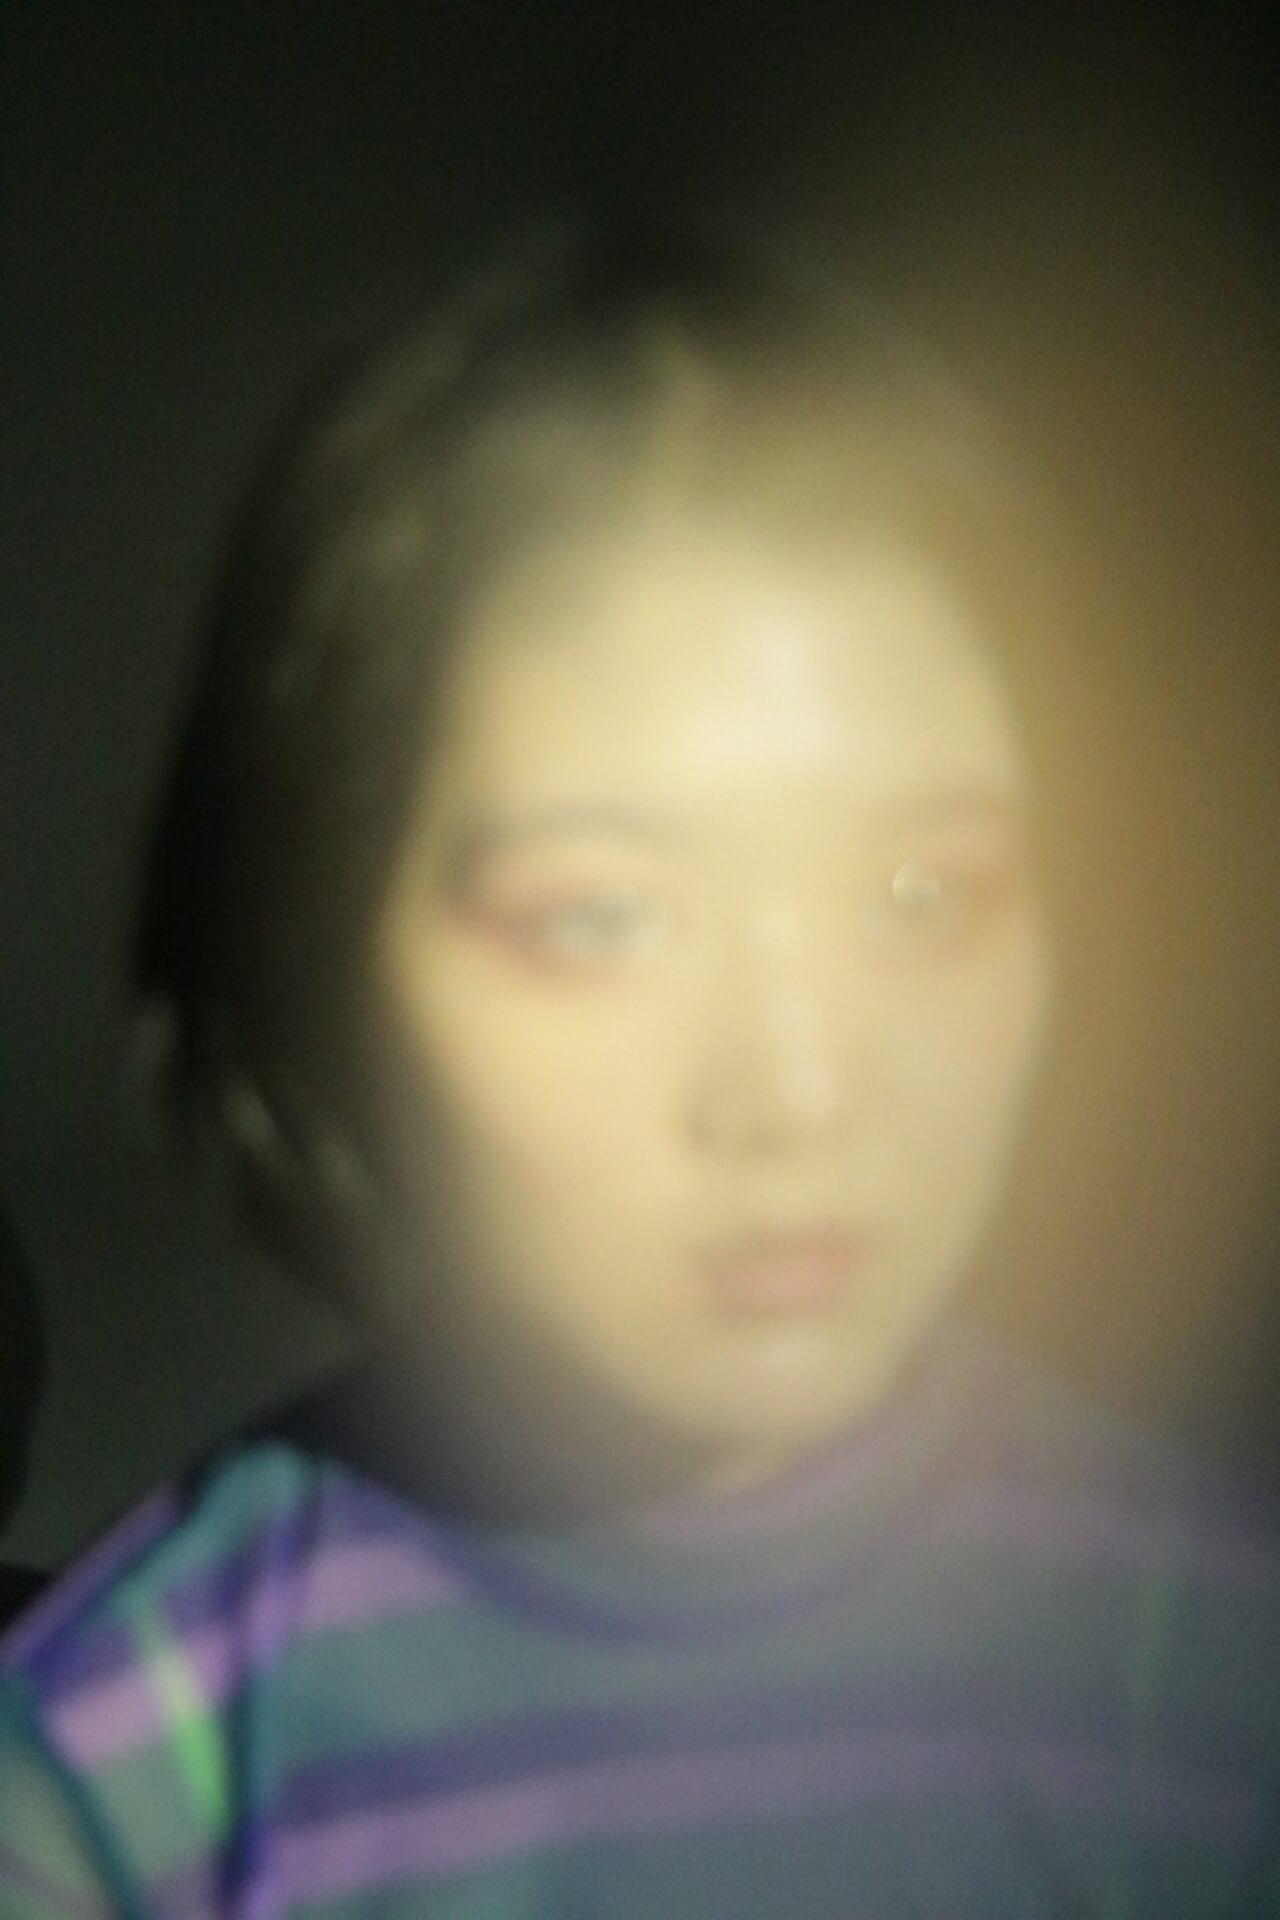 サカナクションのドラマー・Keiichi Ejimaによる新たなパーティ「NIGHT CLUB」が2月にKATA、Time Out Cafe&Dinerにて開催 music200124-night-club-1